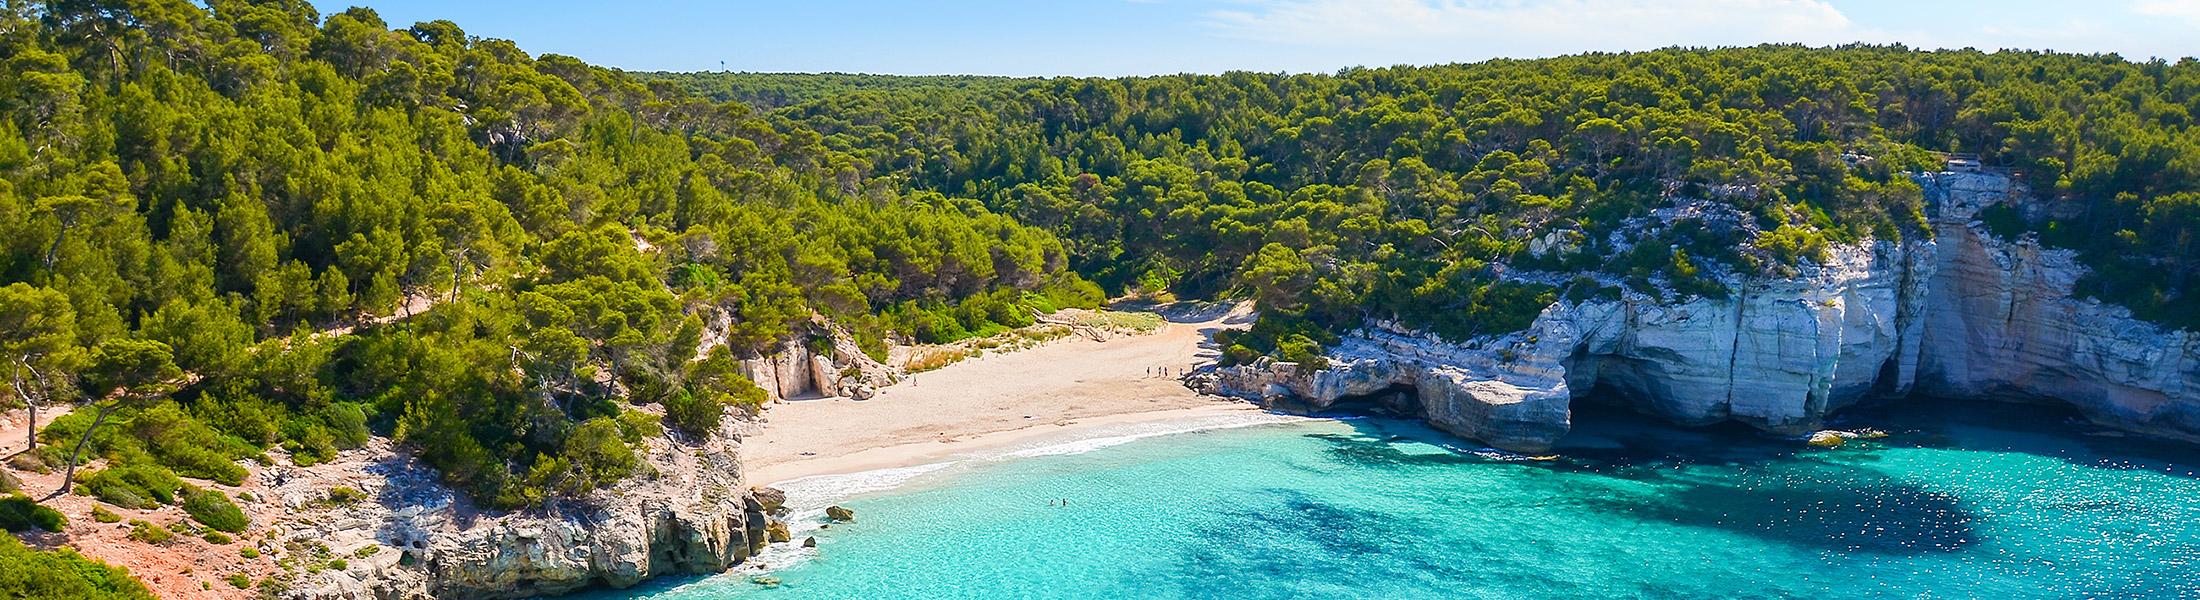 beach in a rocky cove in Menorca Spain in Europe